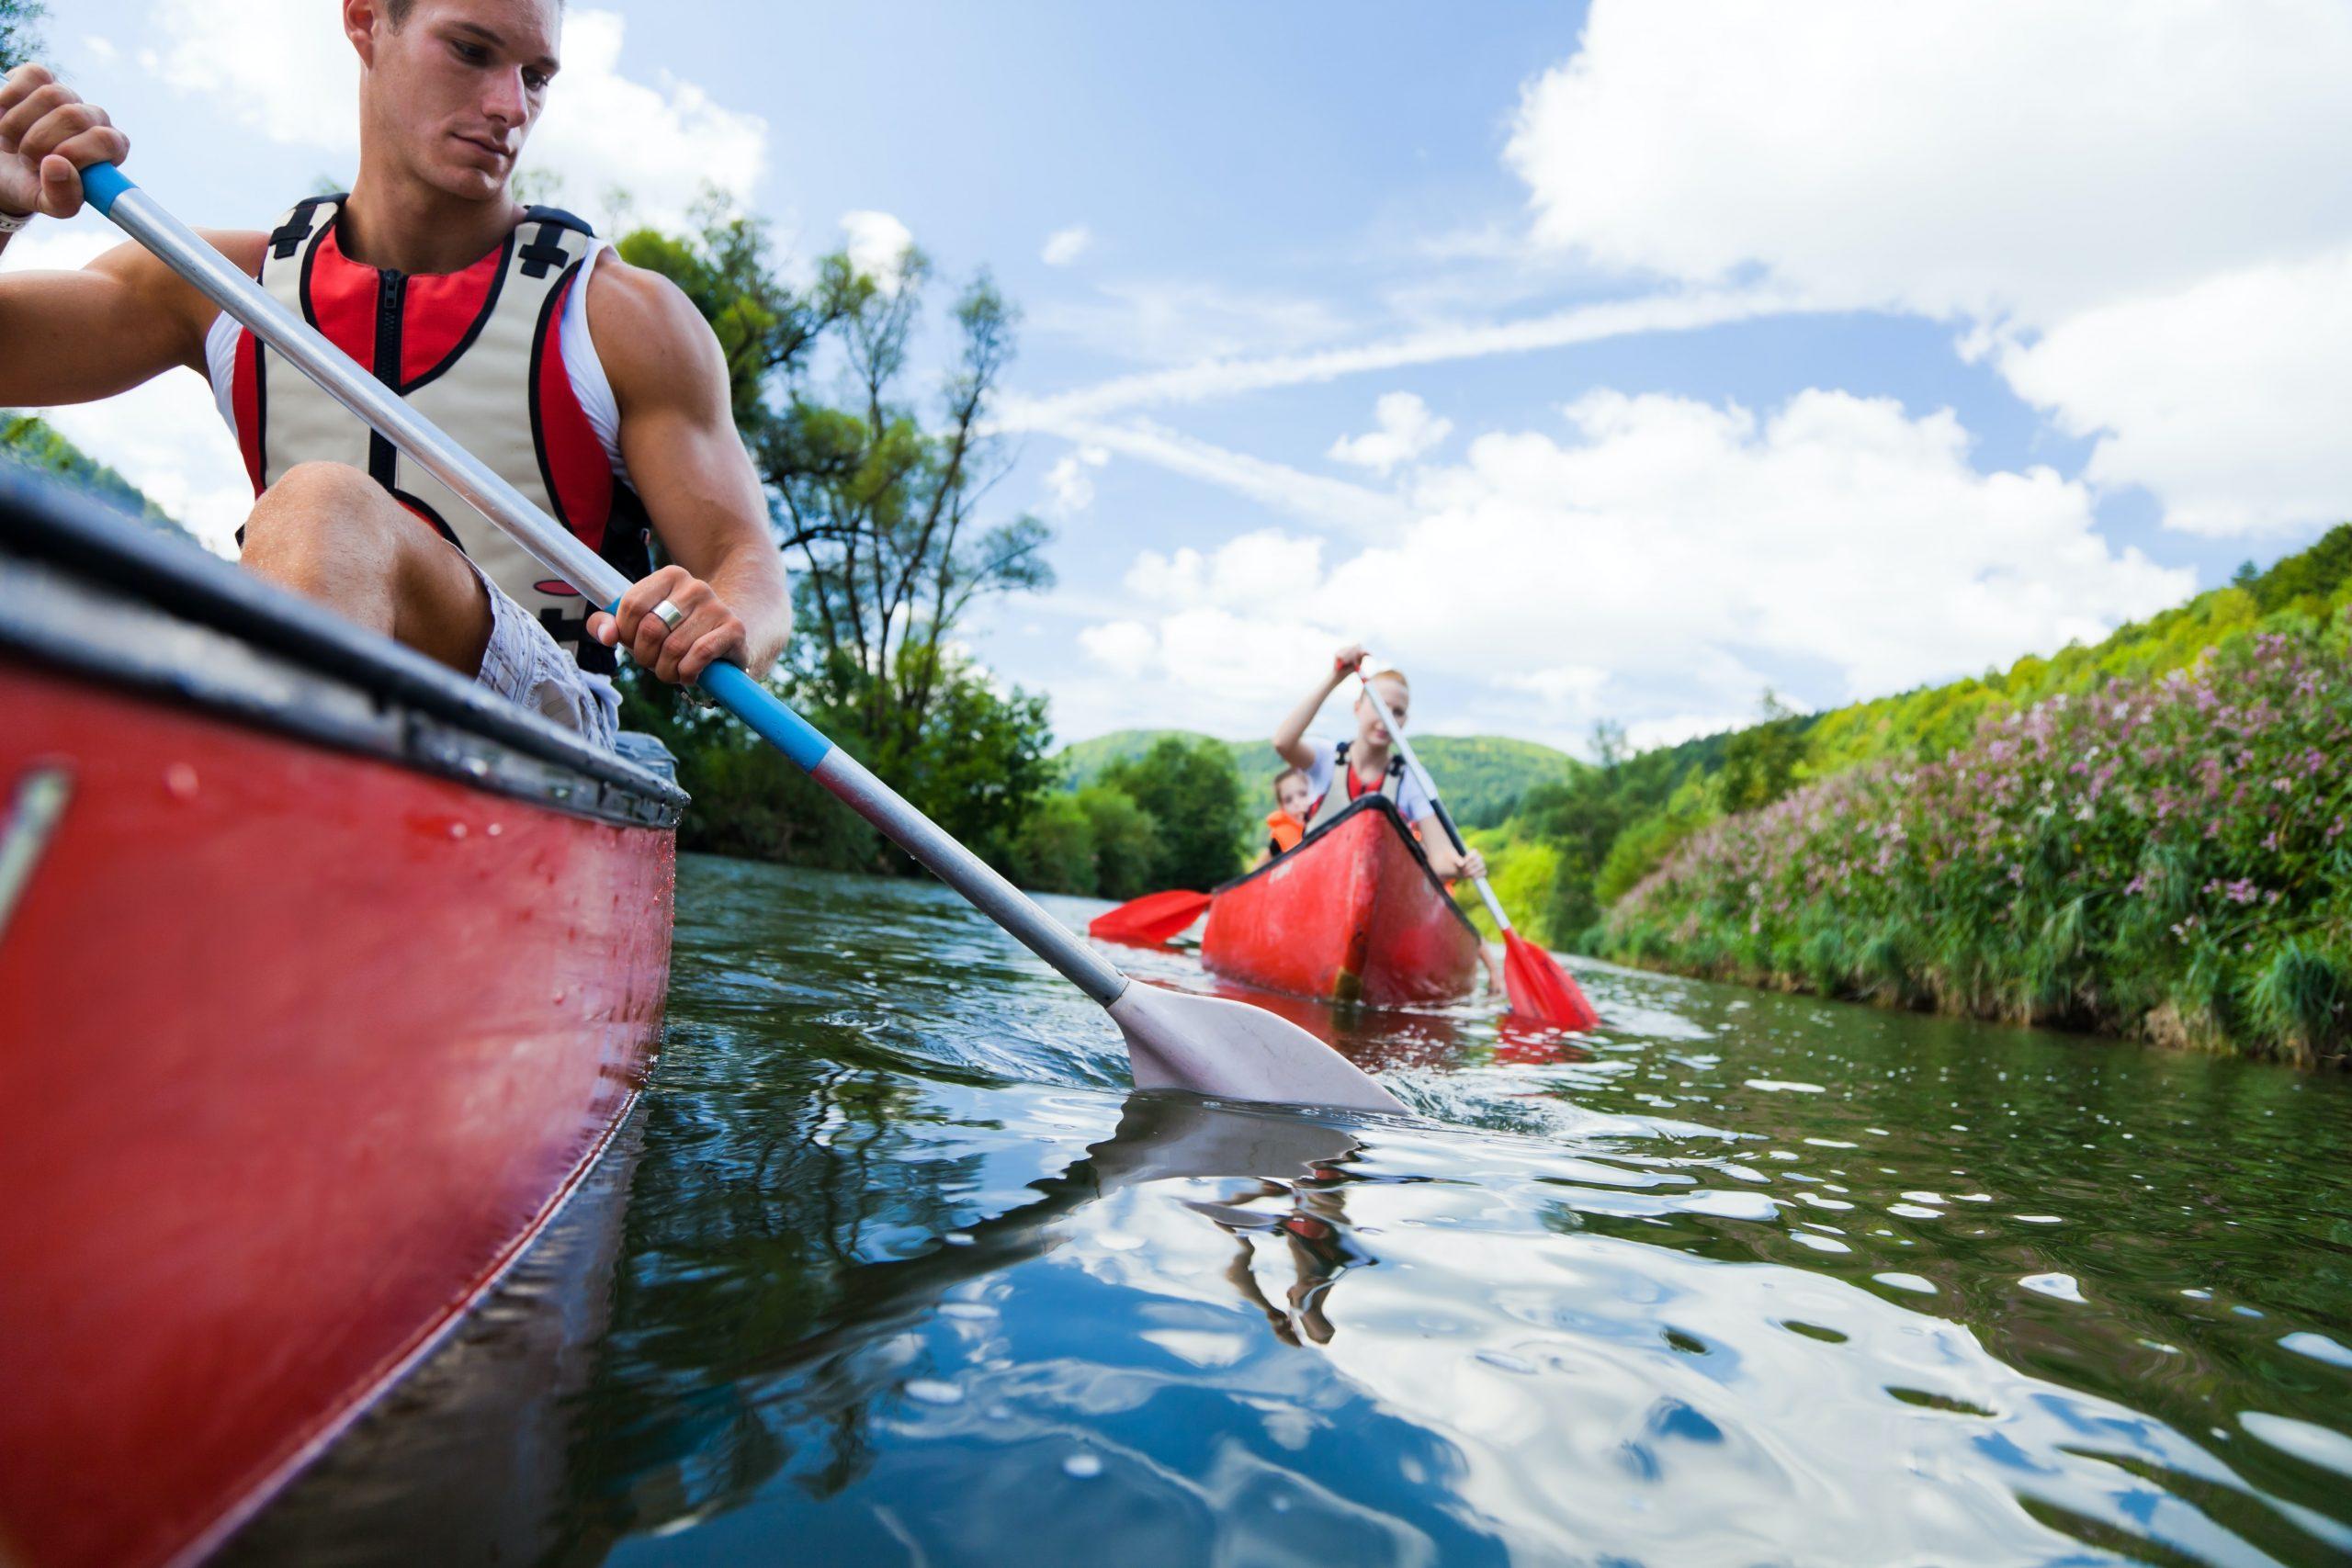 water sports, kayaking